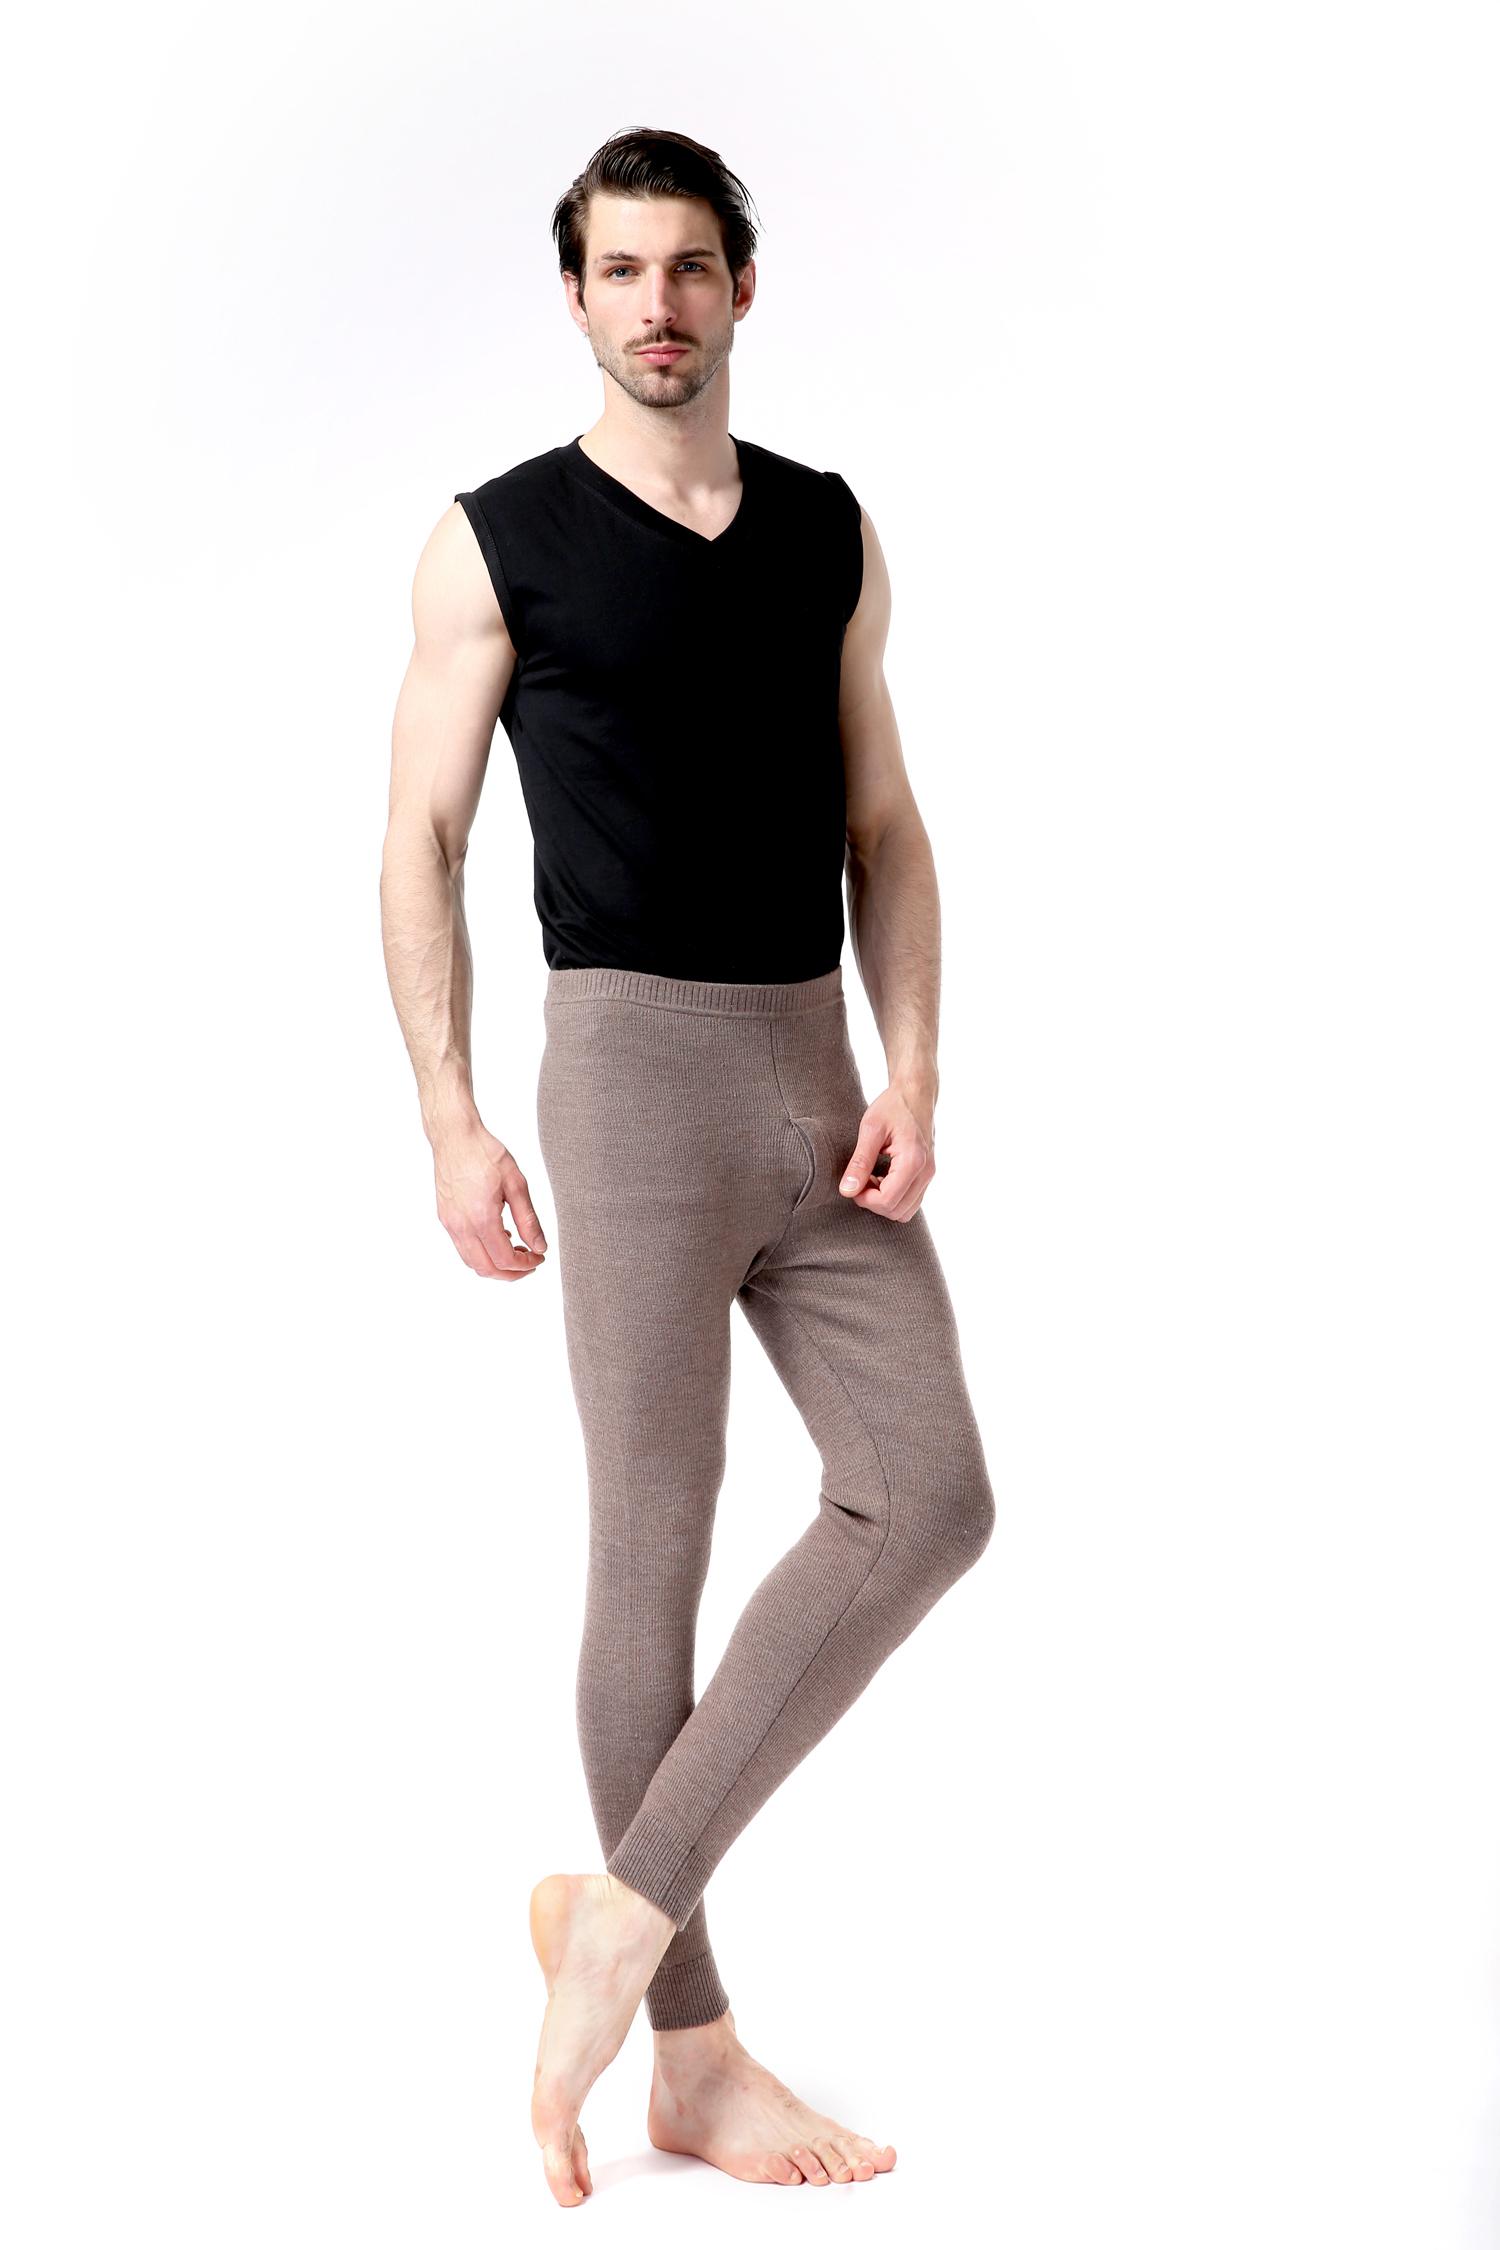 四子王旗男士打底绒裤——想买有品质的都兰诺斯澳毛男抽条裤,就到中昊绒业